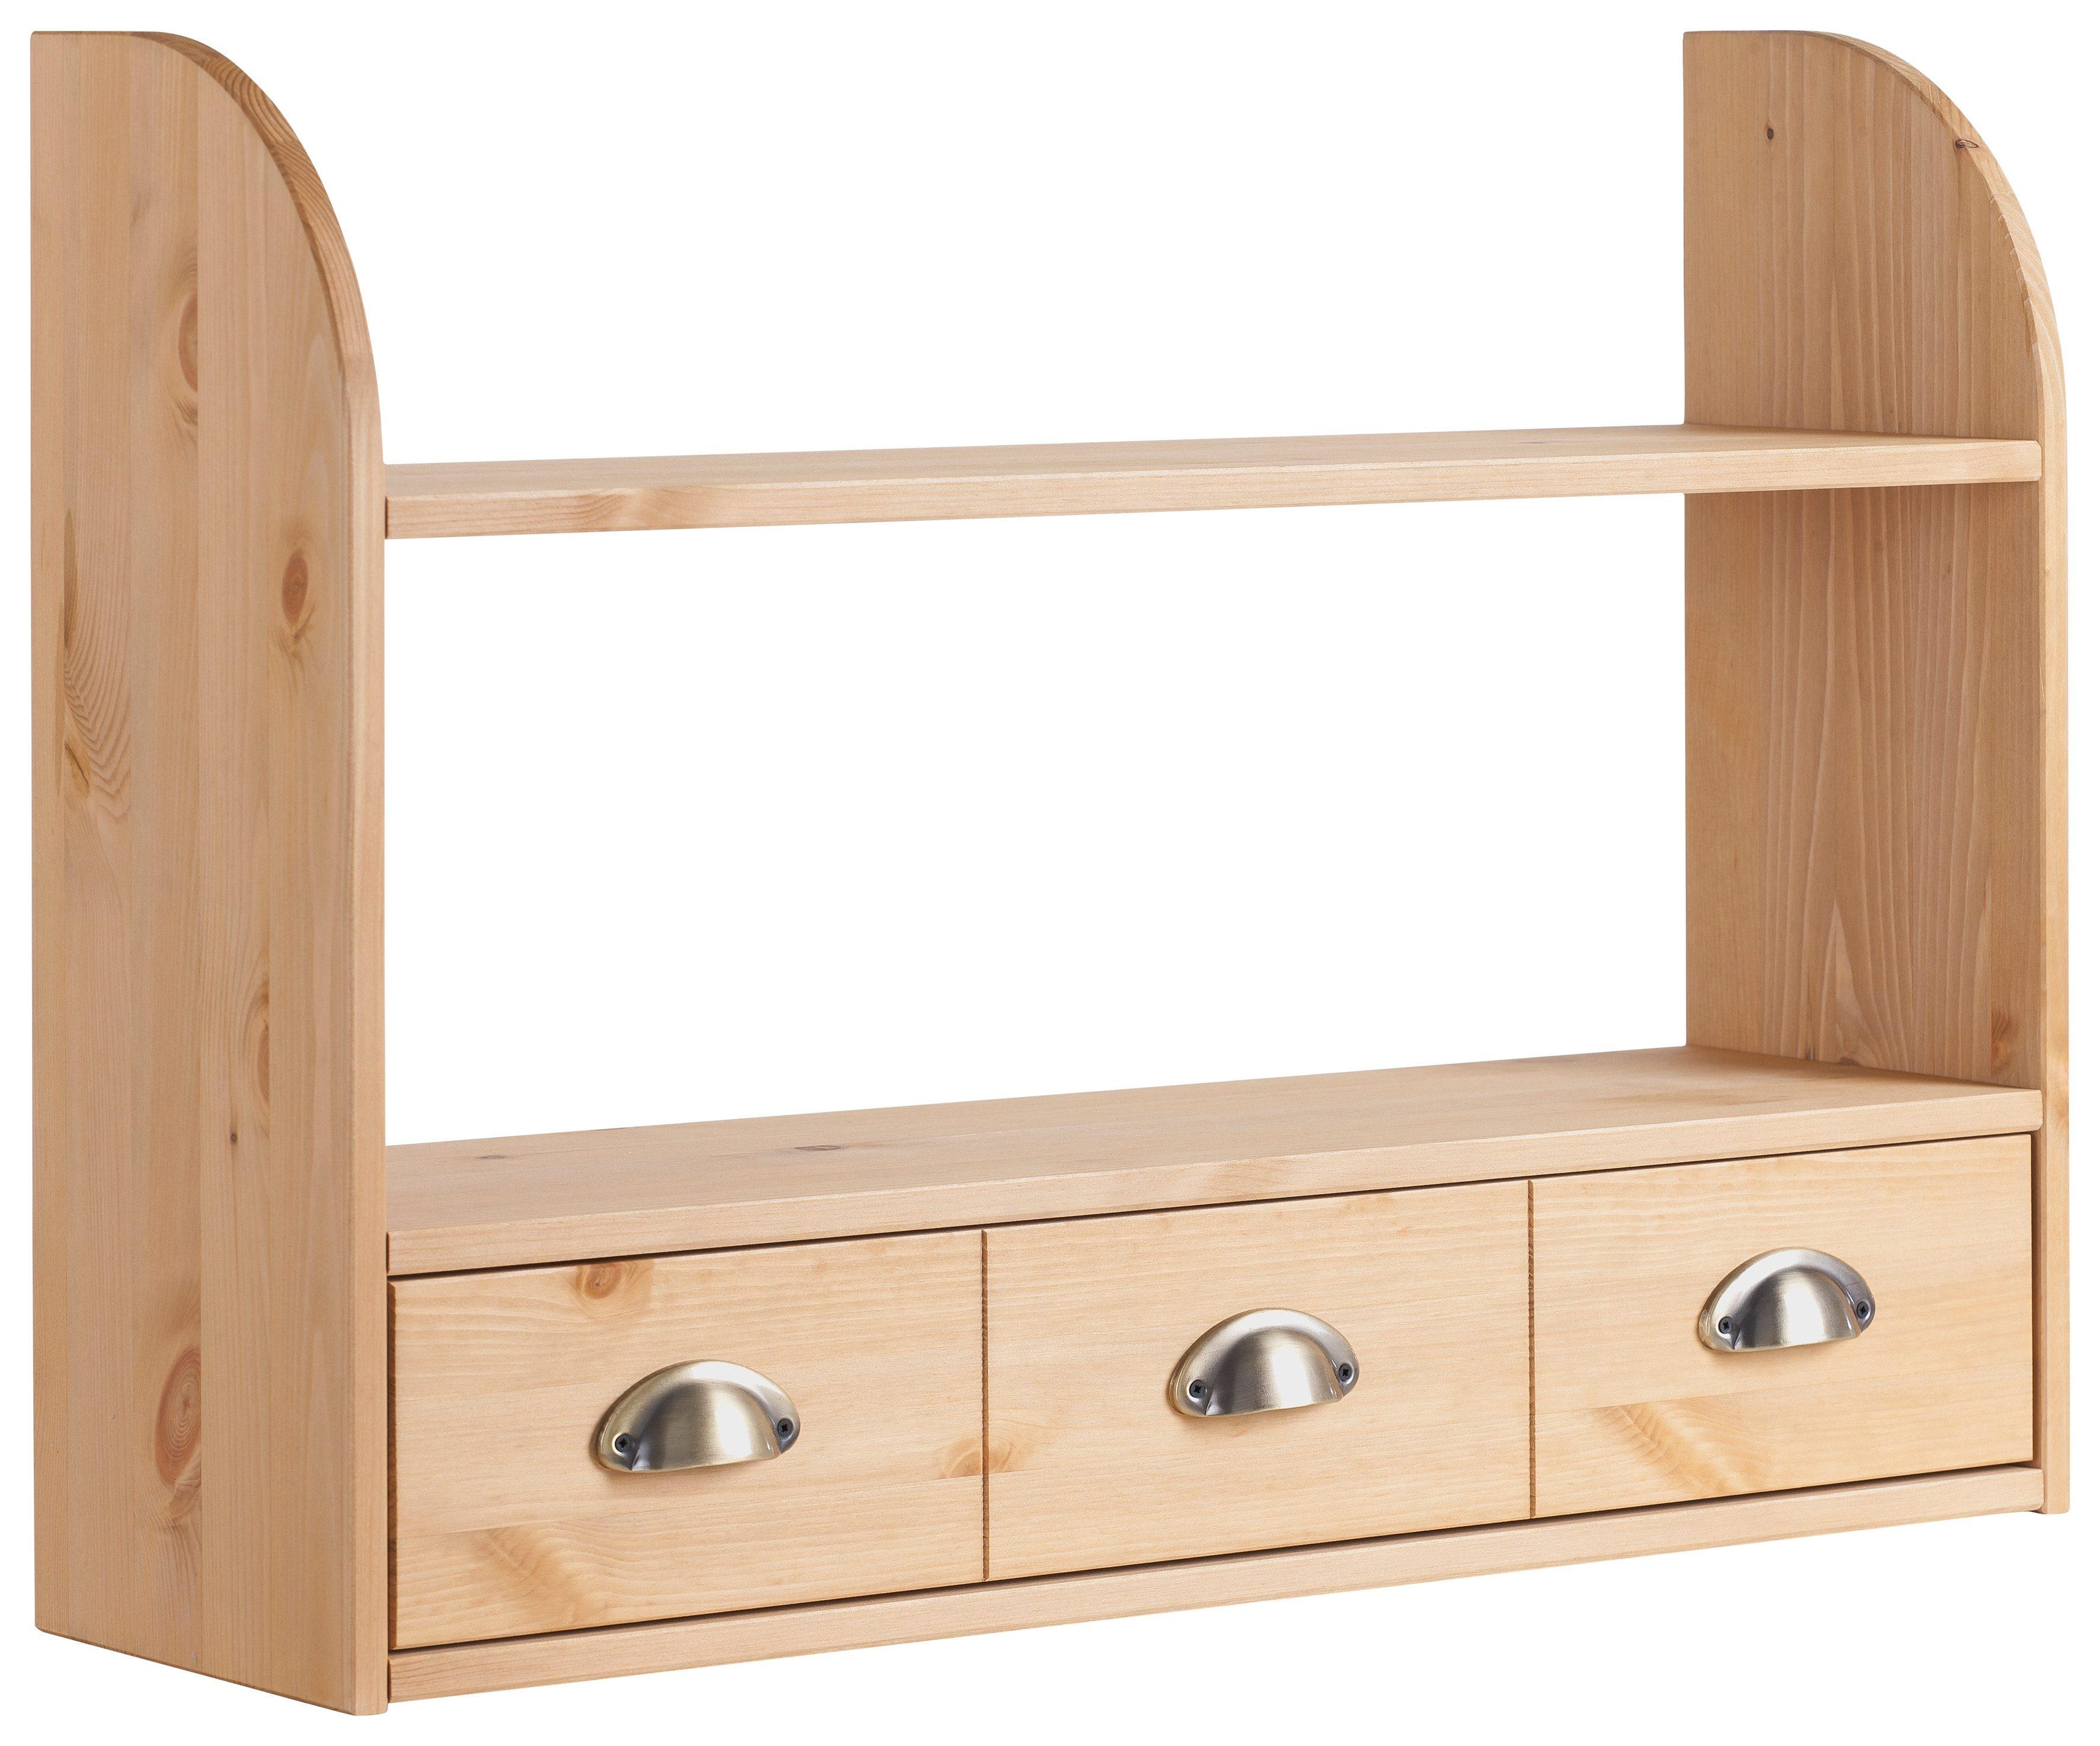 h ngeregal preisvergleich die besten angebote online kaufen. Black Bedroom Furniture Sets. Home Design Ideas